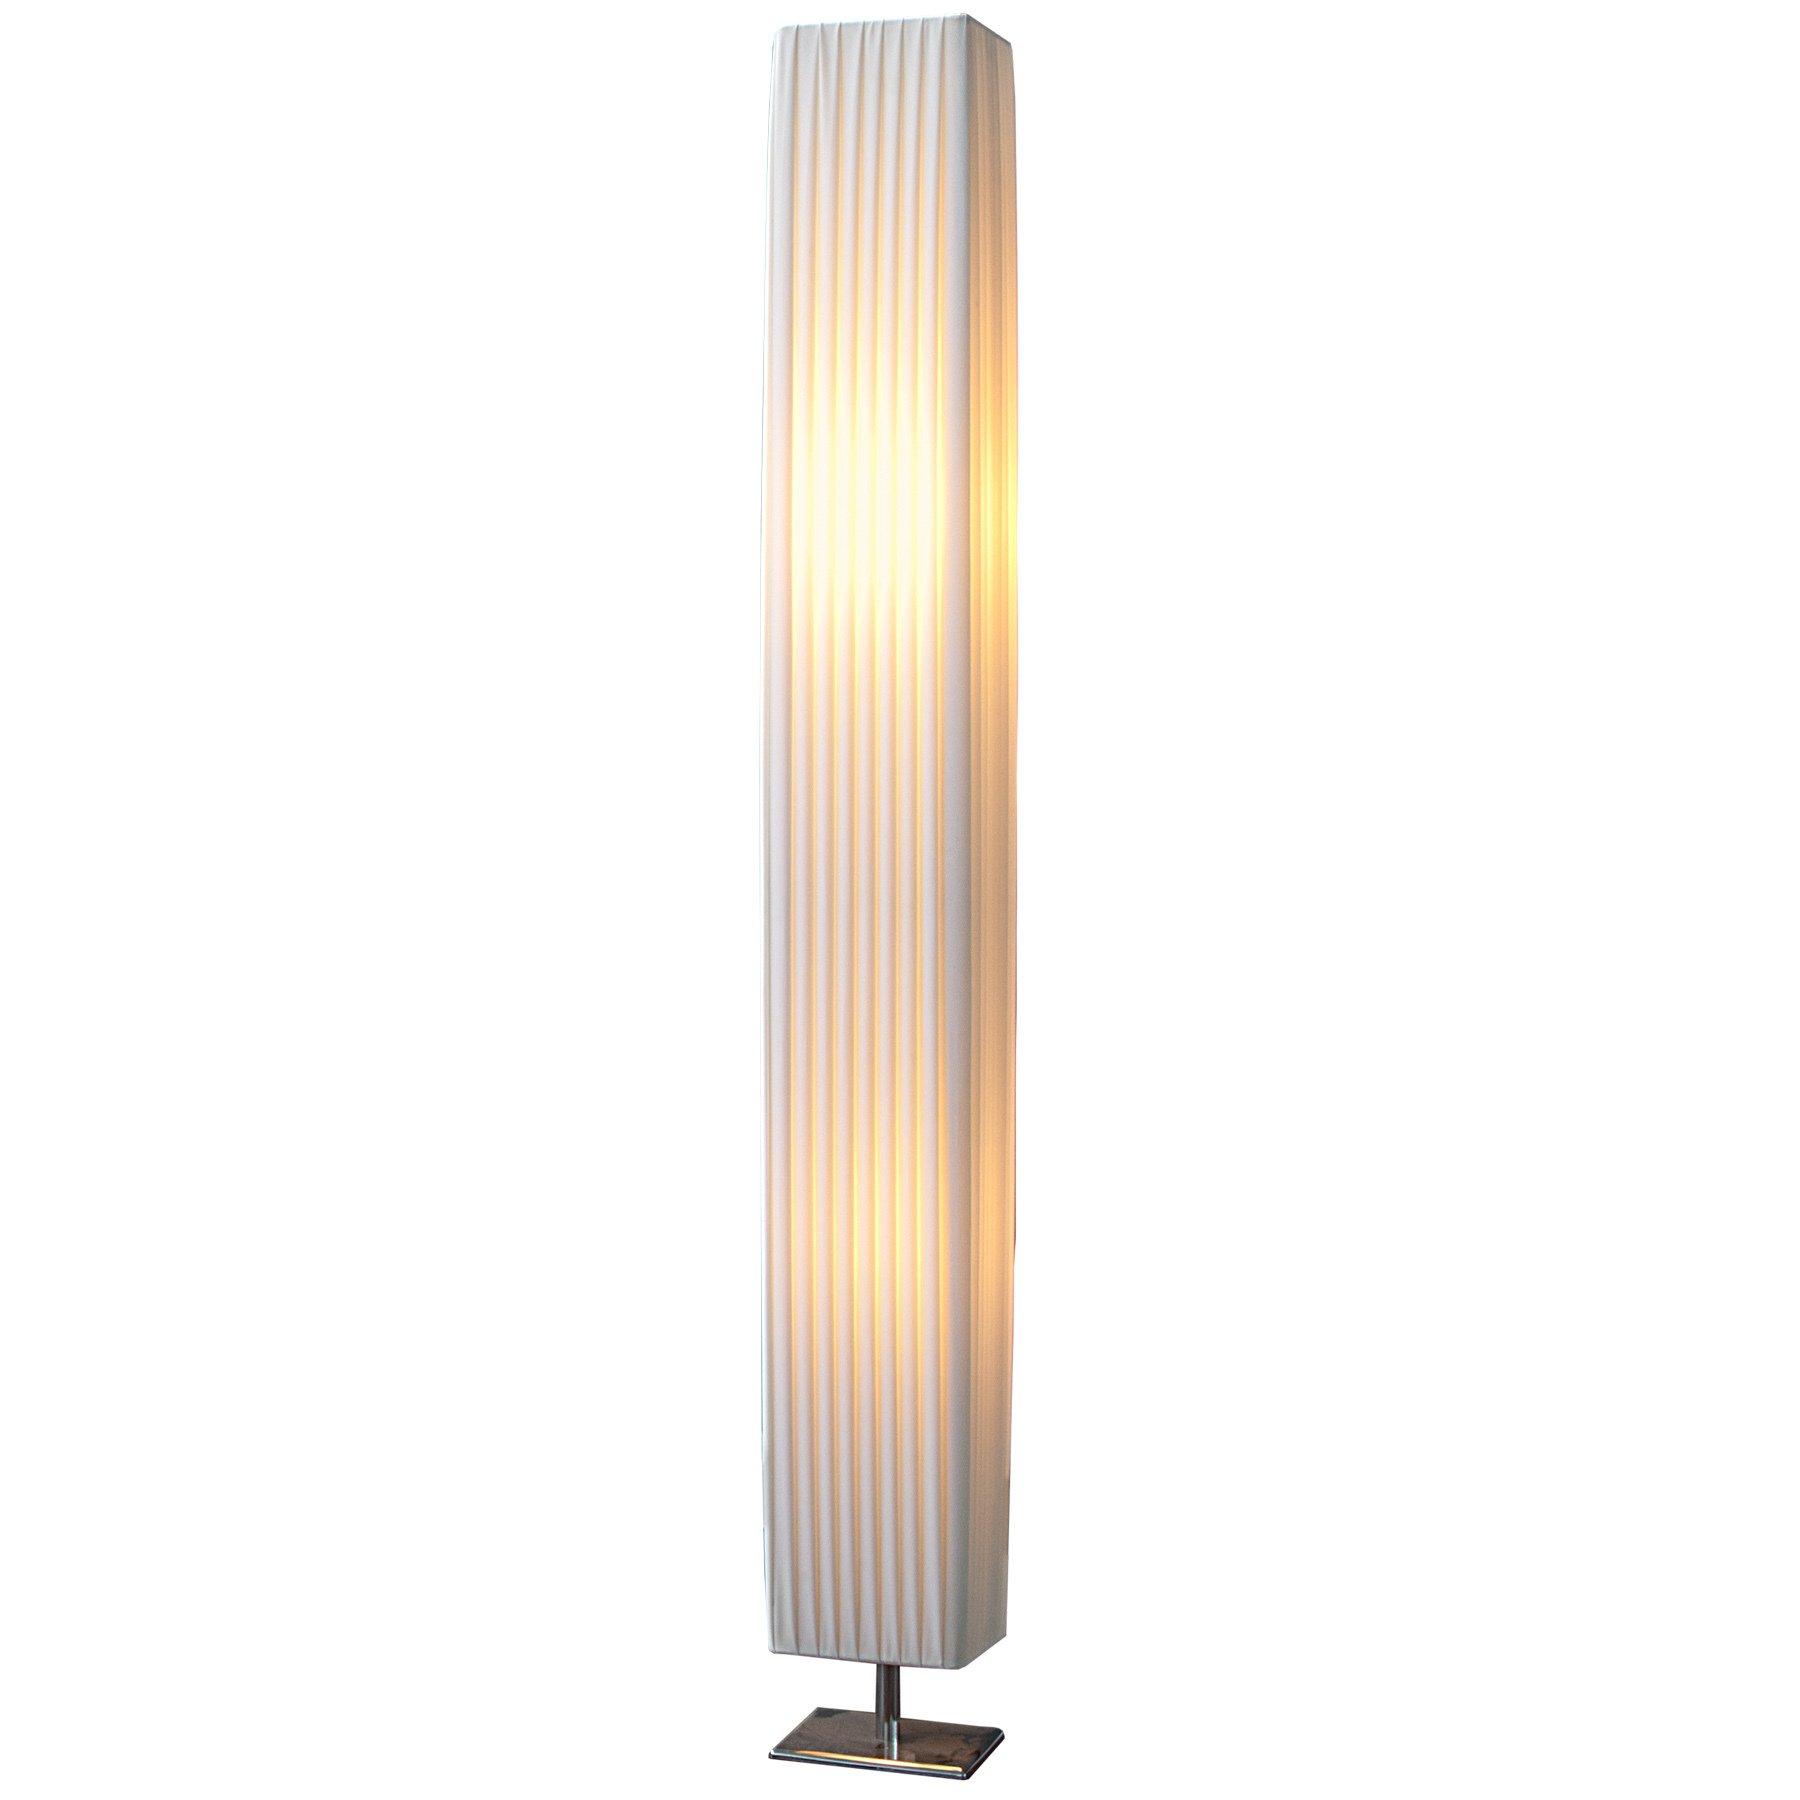 Design Stehlampe PARIS Weiss 120 Cm Stehleuchte Mit Chrom Fuß Wohnzimmer  Lampe Leuchte Standleuchte Product